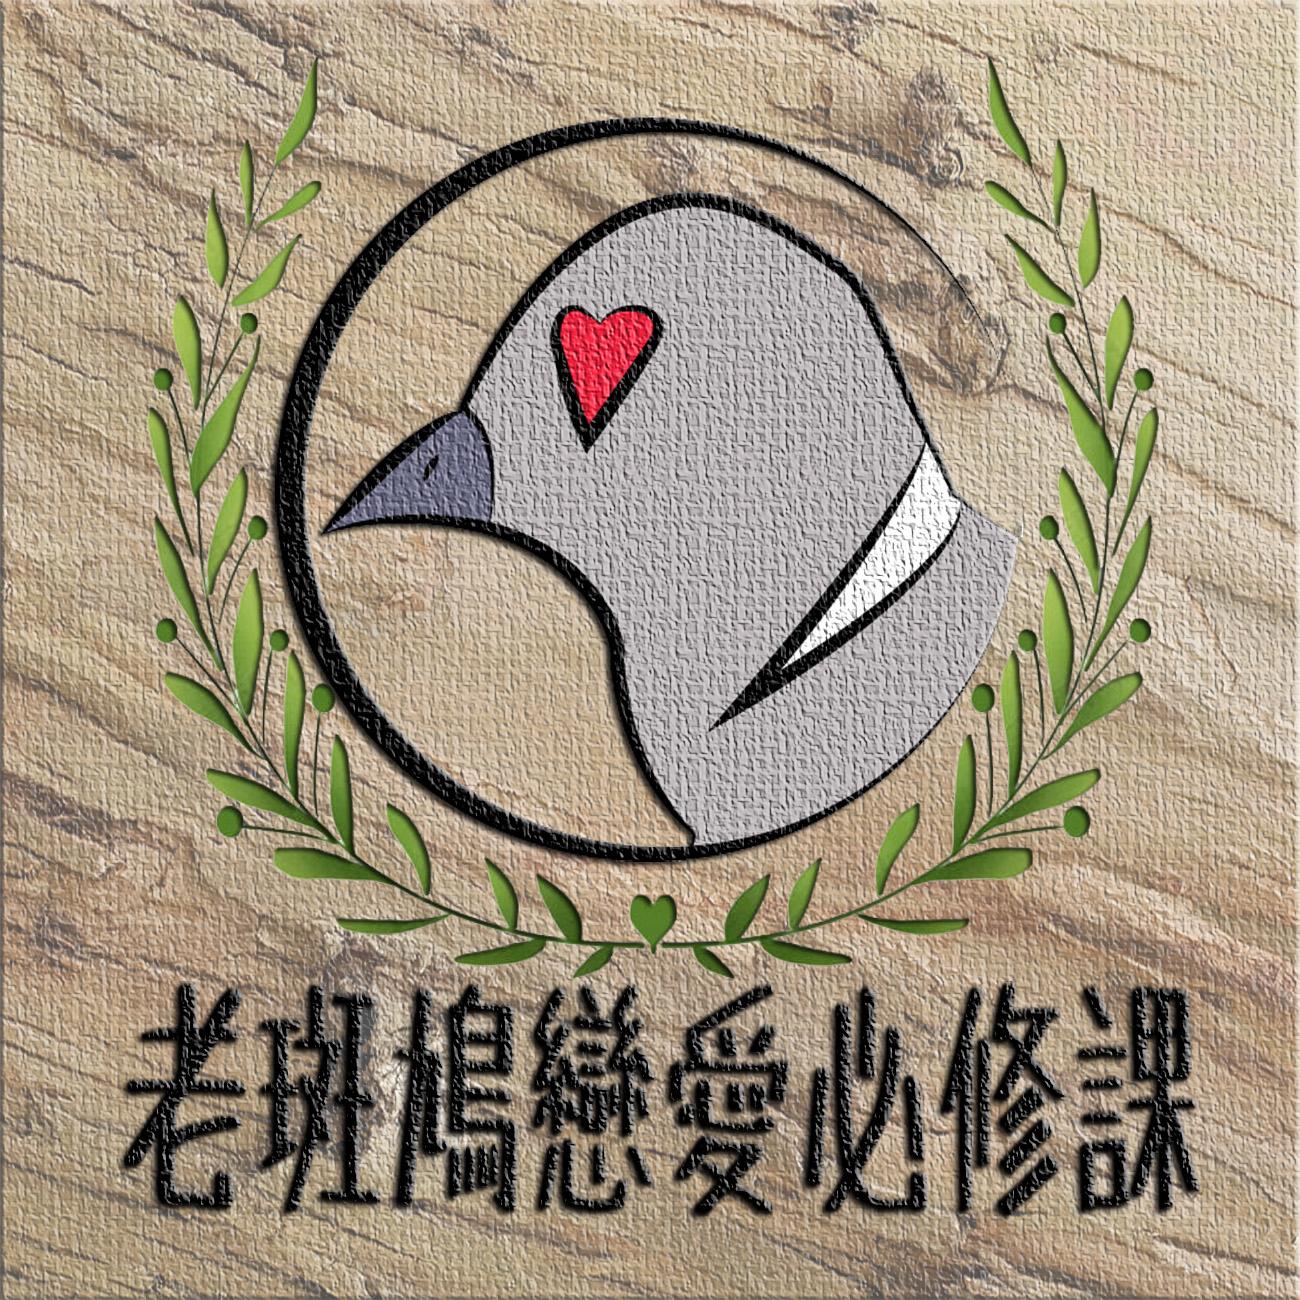 #7 【討論】要去哪約會呢? 高雄愛情摩天輪??